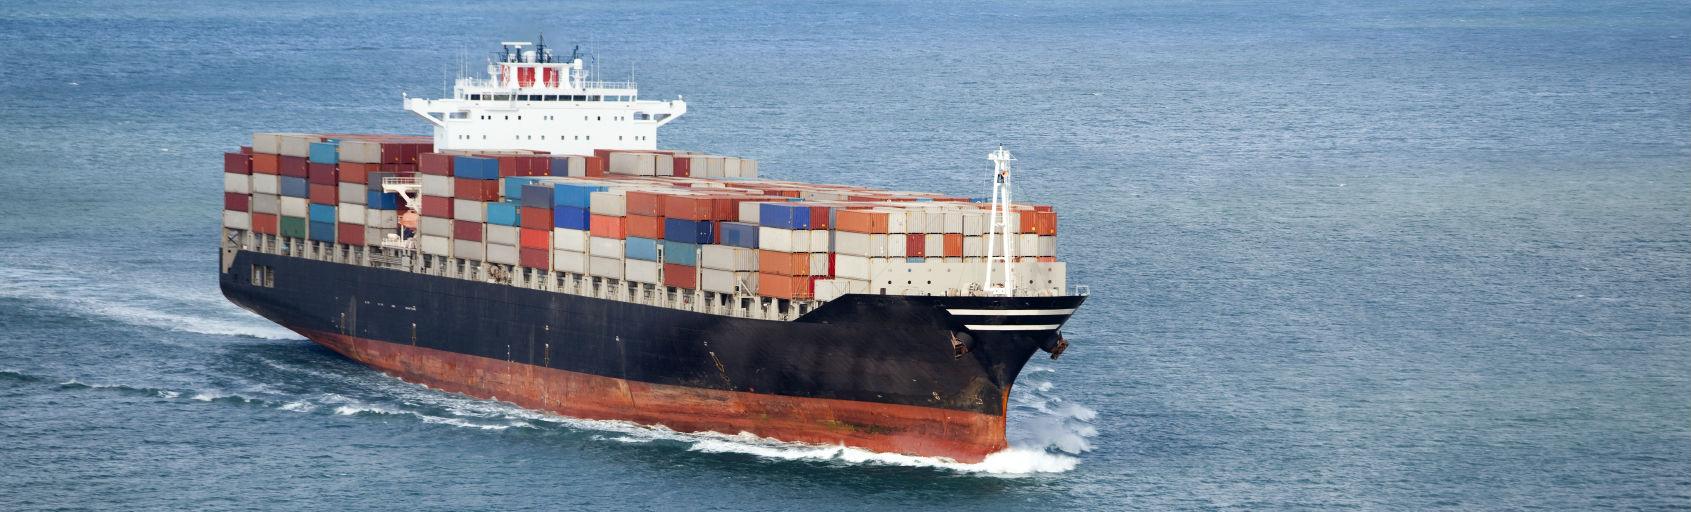 Meevaren Met Een Vrachtschip Unieke Manier Van Reizen